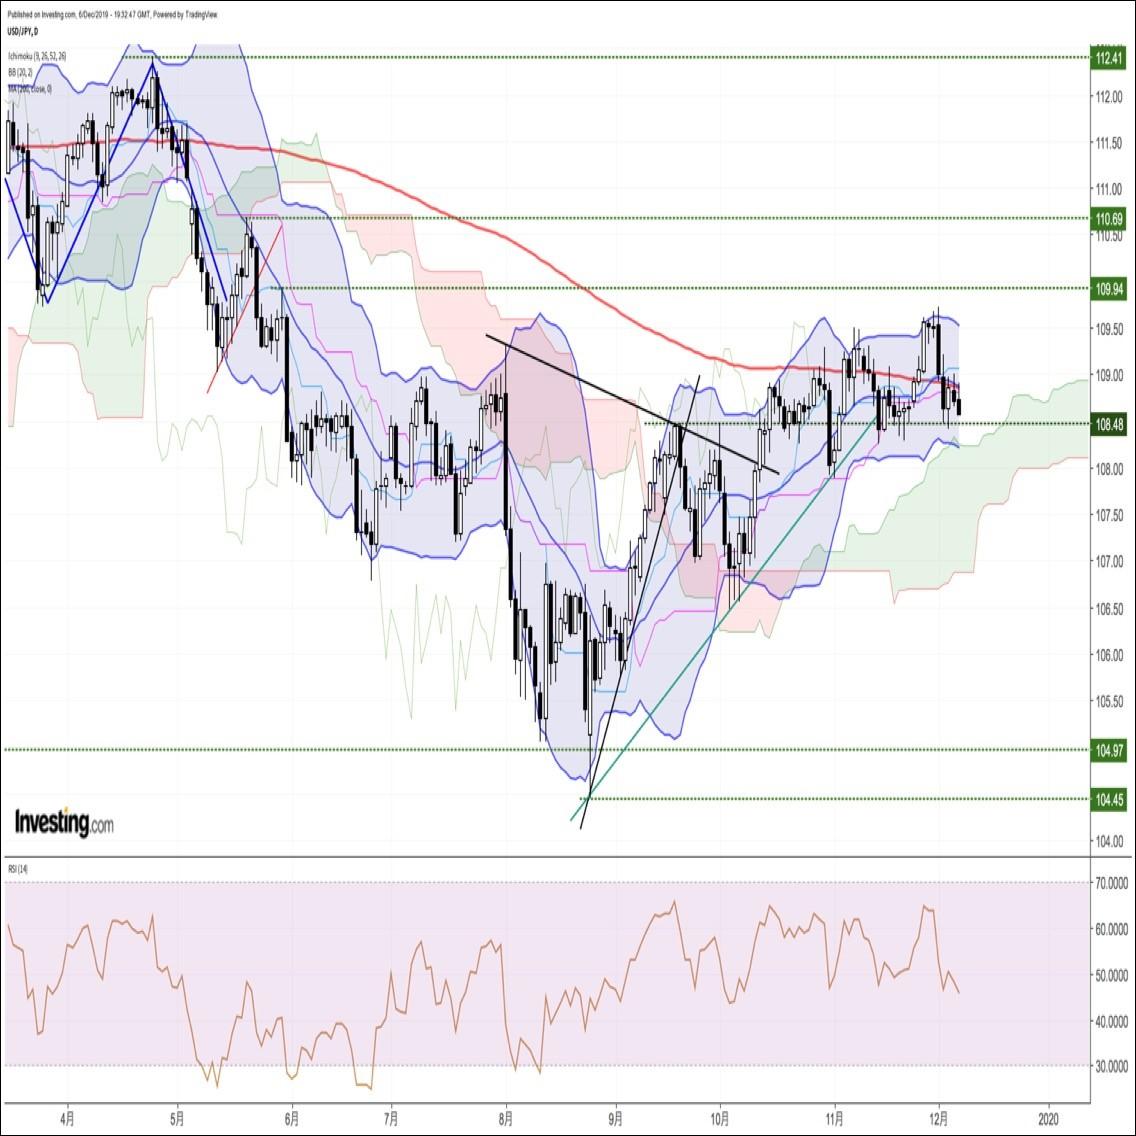 来週の為替相場見通し 『FOMCに英総選挙、対中関税第4弾など来週はイベント目白押し』(12/7朝)